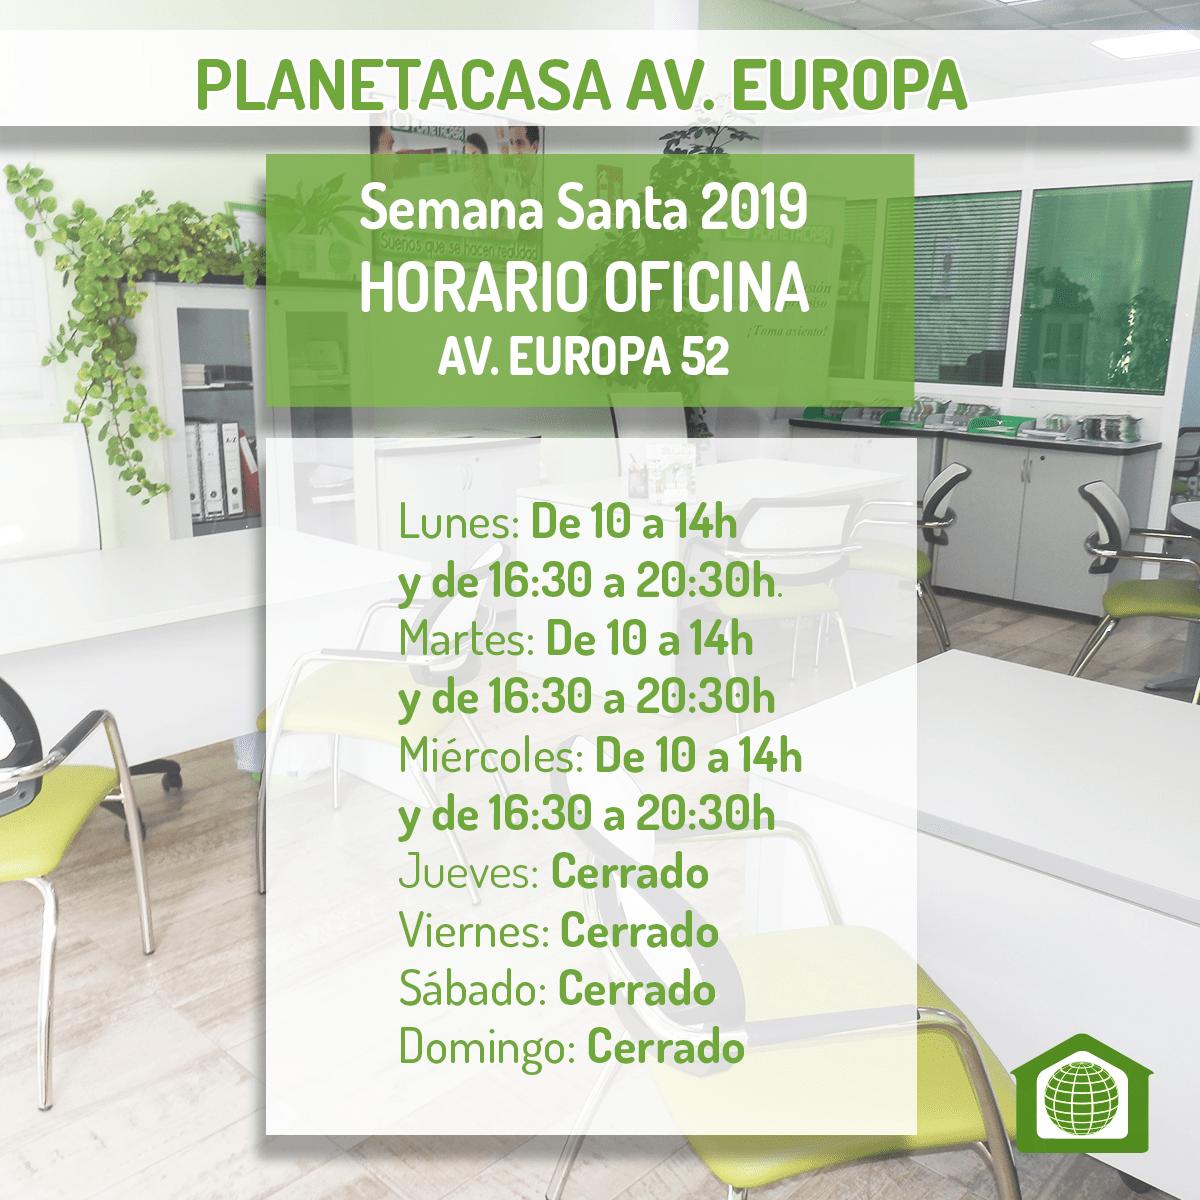 Horario oficina planetacasa avenida europa Semana Santa 2019